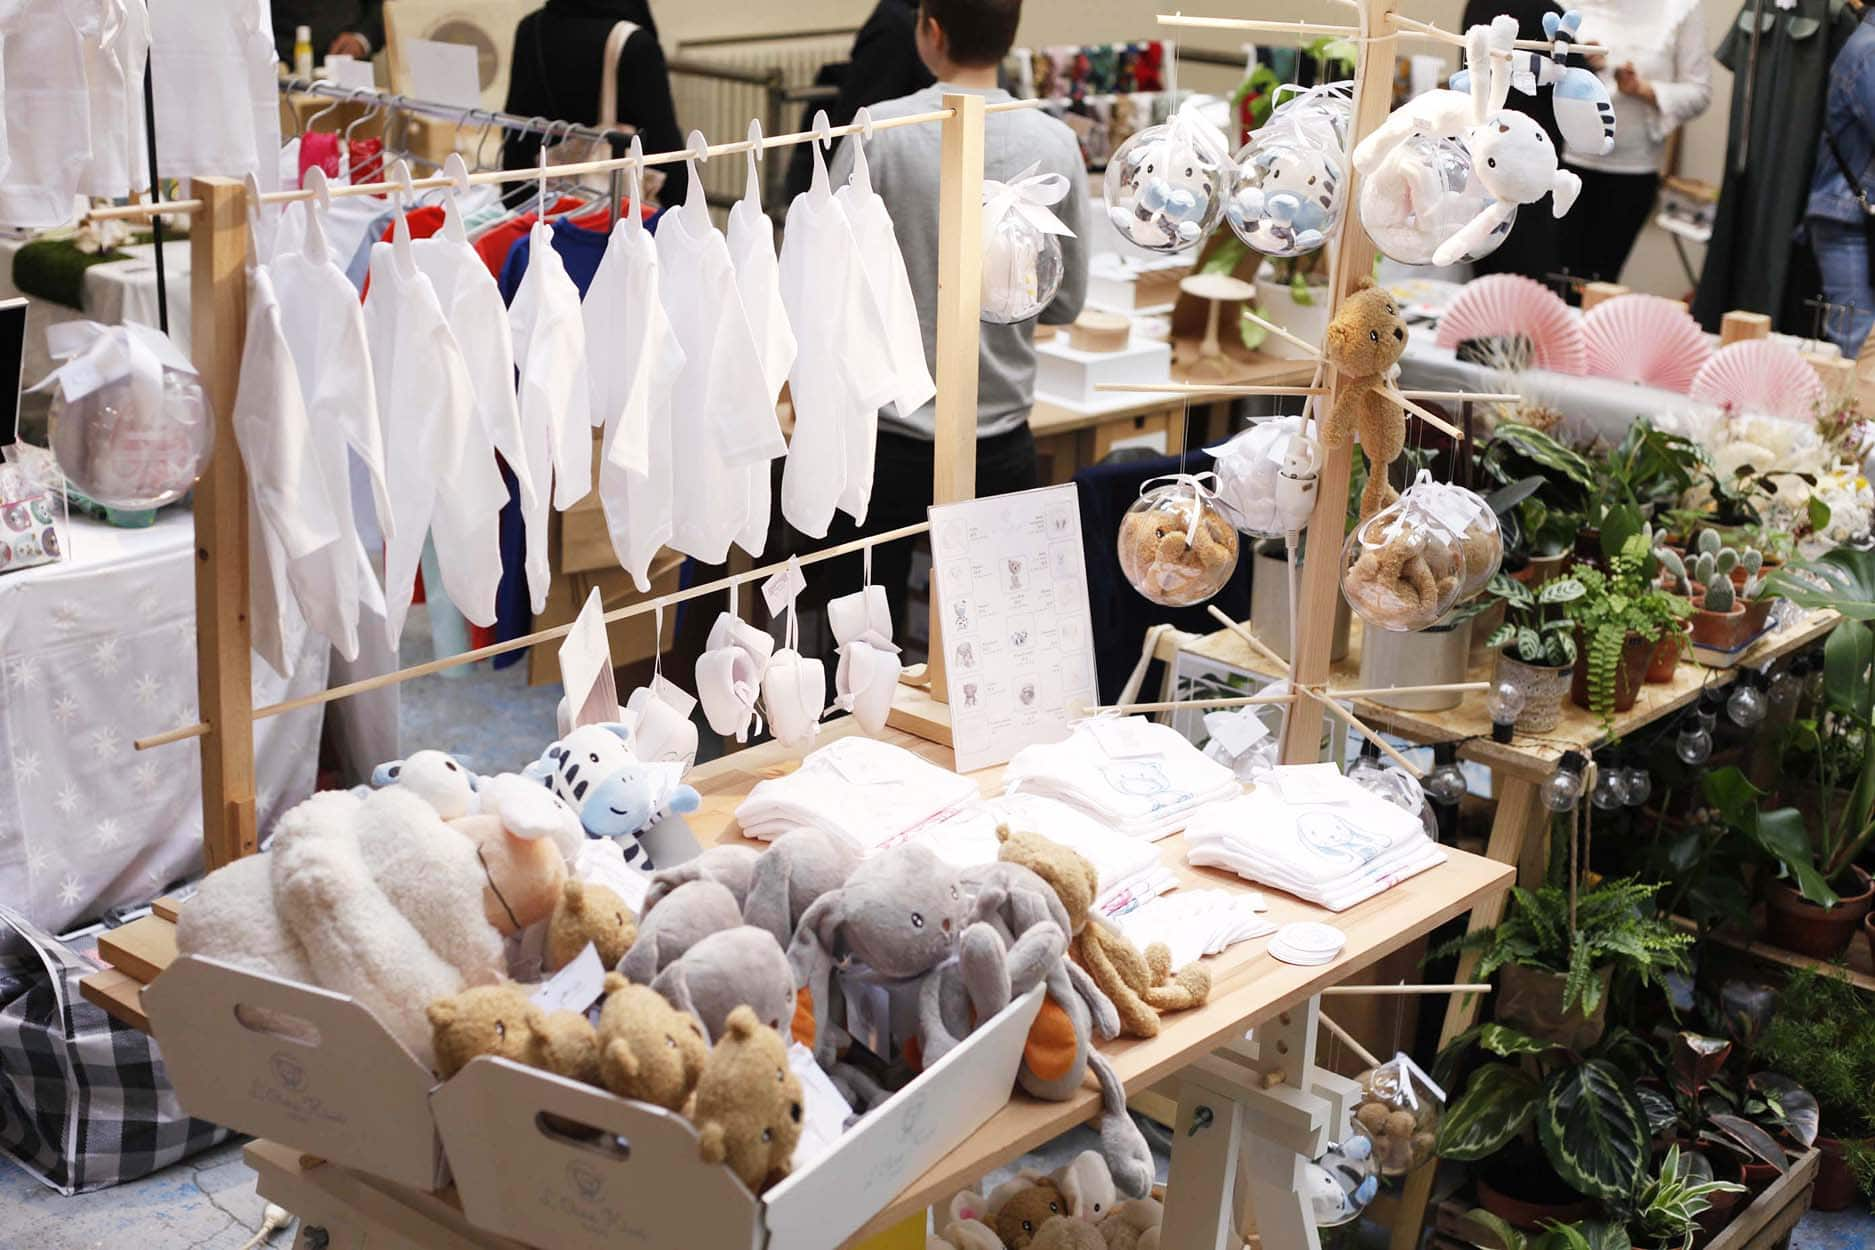 Stand de l'Ours Kiwi présentant les peluches doudous et les bodys pour bébés